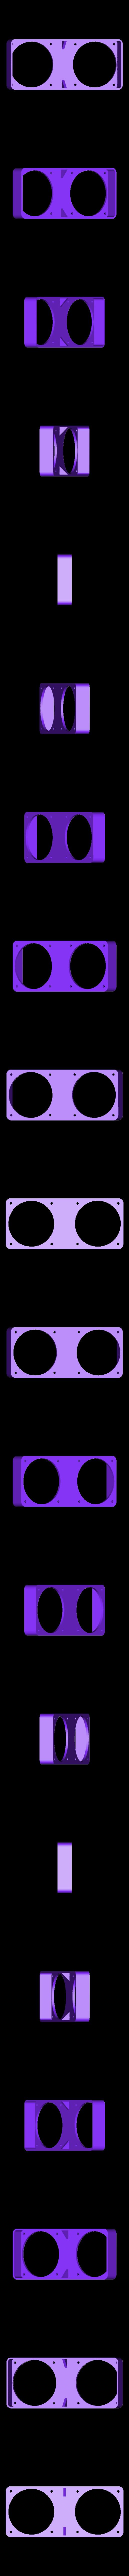 Part1.stl Download free STL file Carbon filter adaptor for Flashforge Dreamer • 3D printer design, DK7